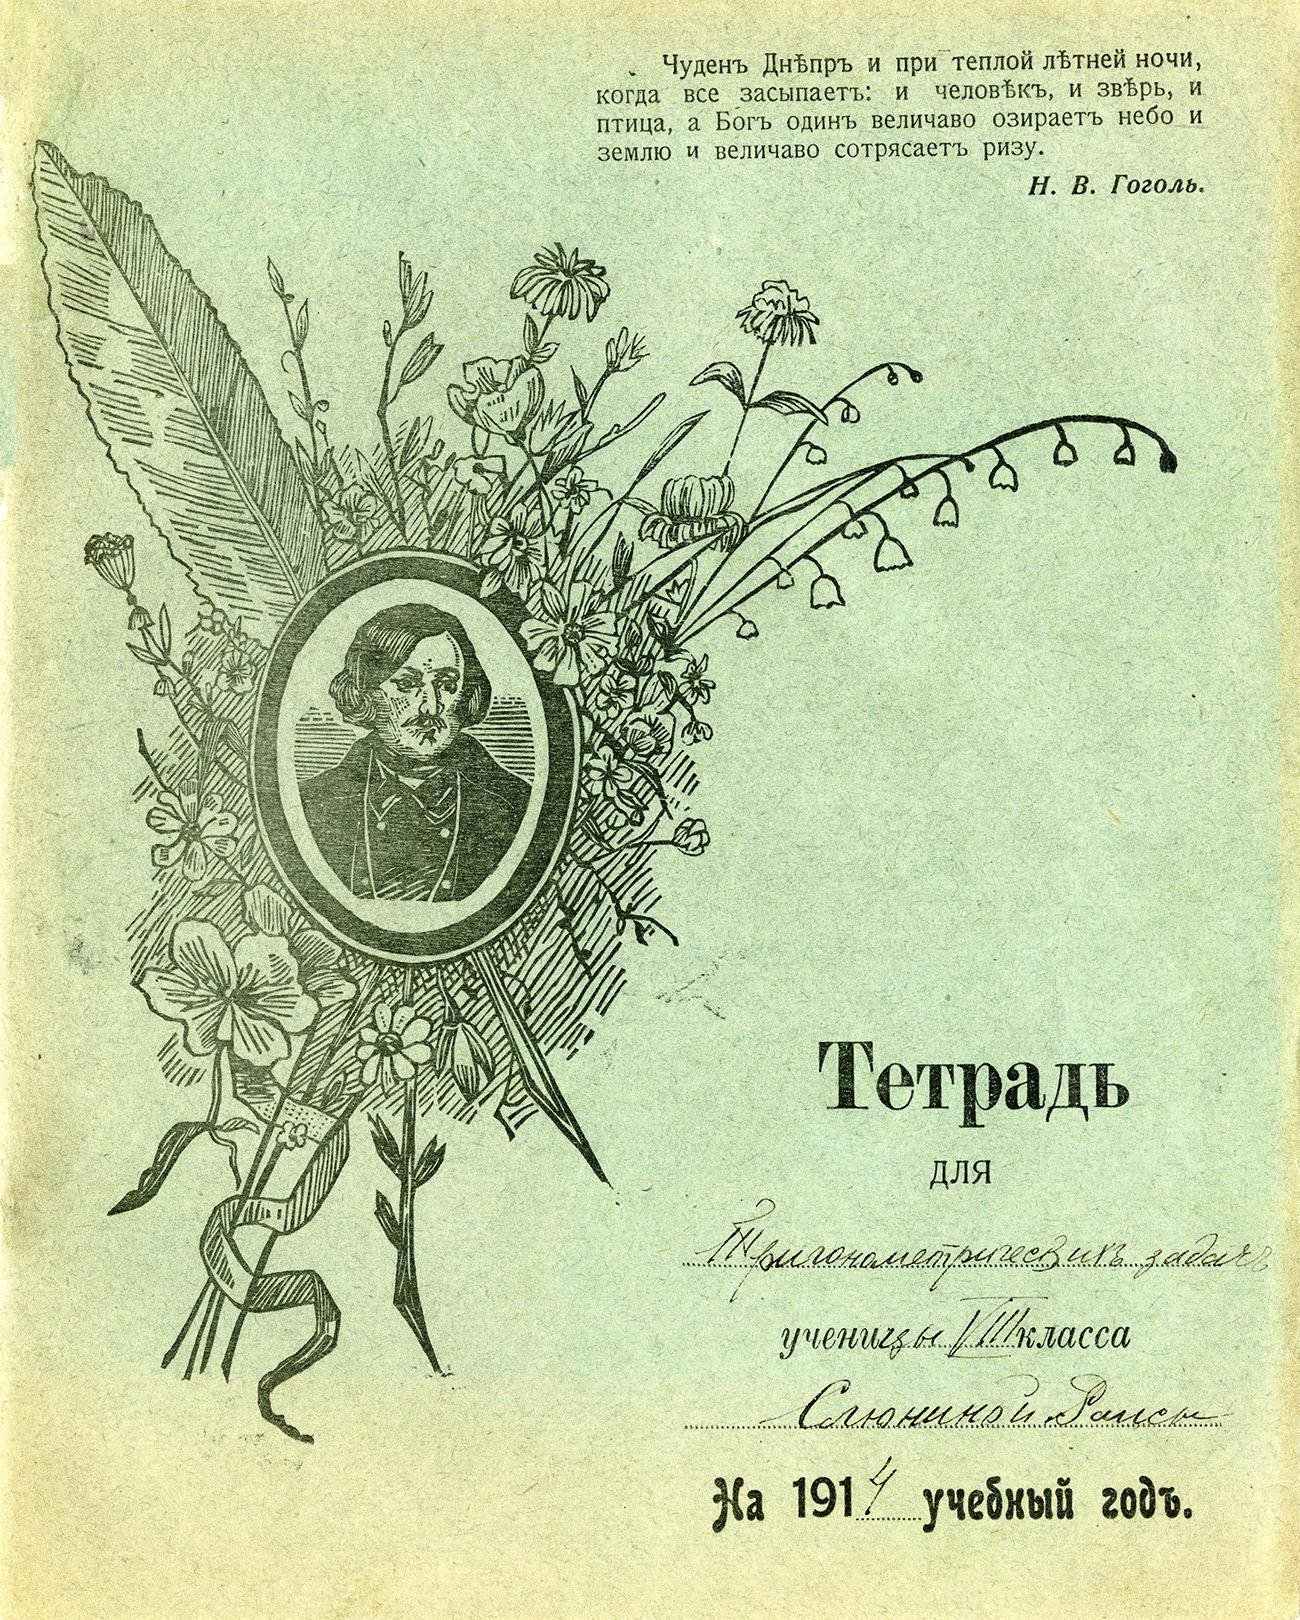 Тетрадь Гоголь 1914